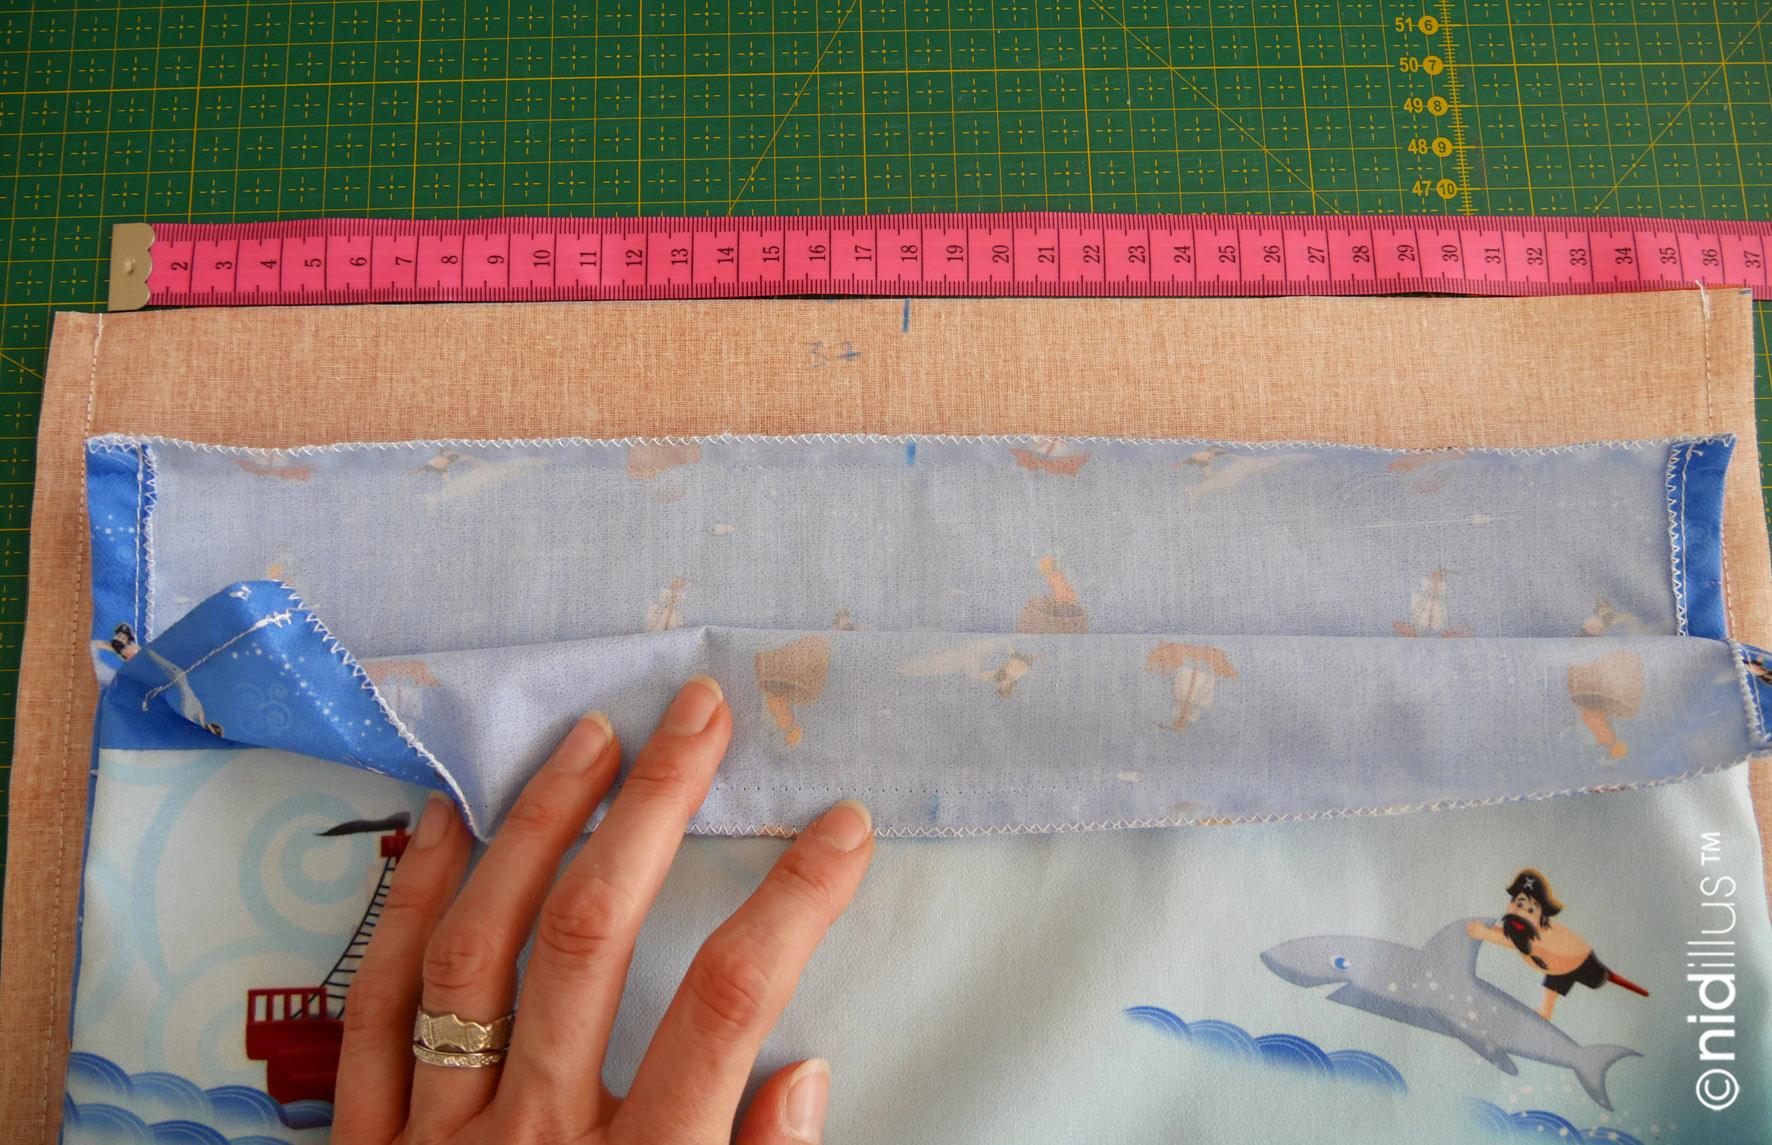 tuto sac piscine coupon tissu illustre nidillus21